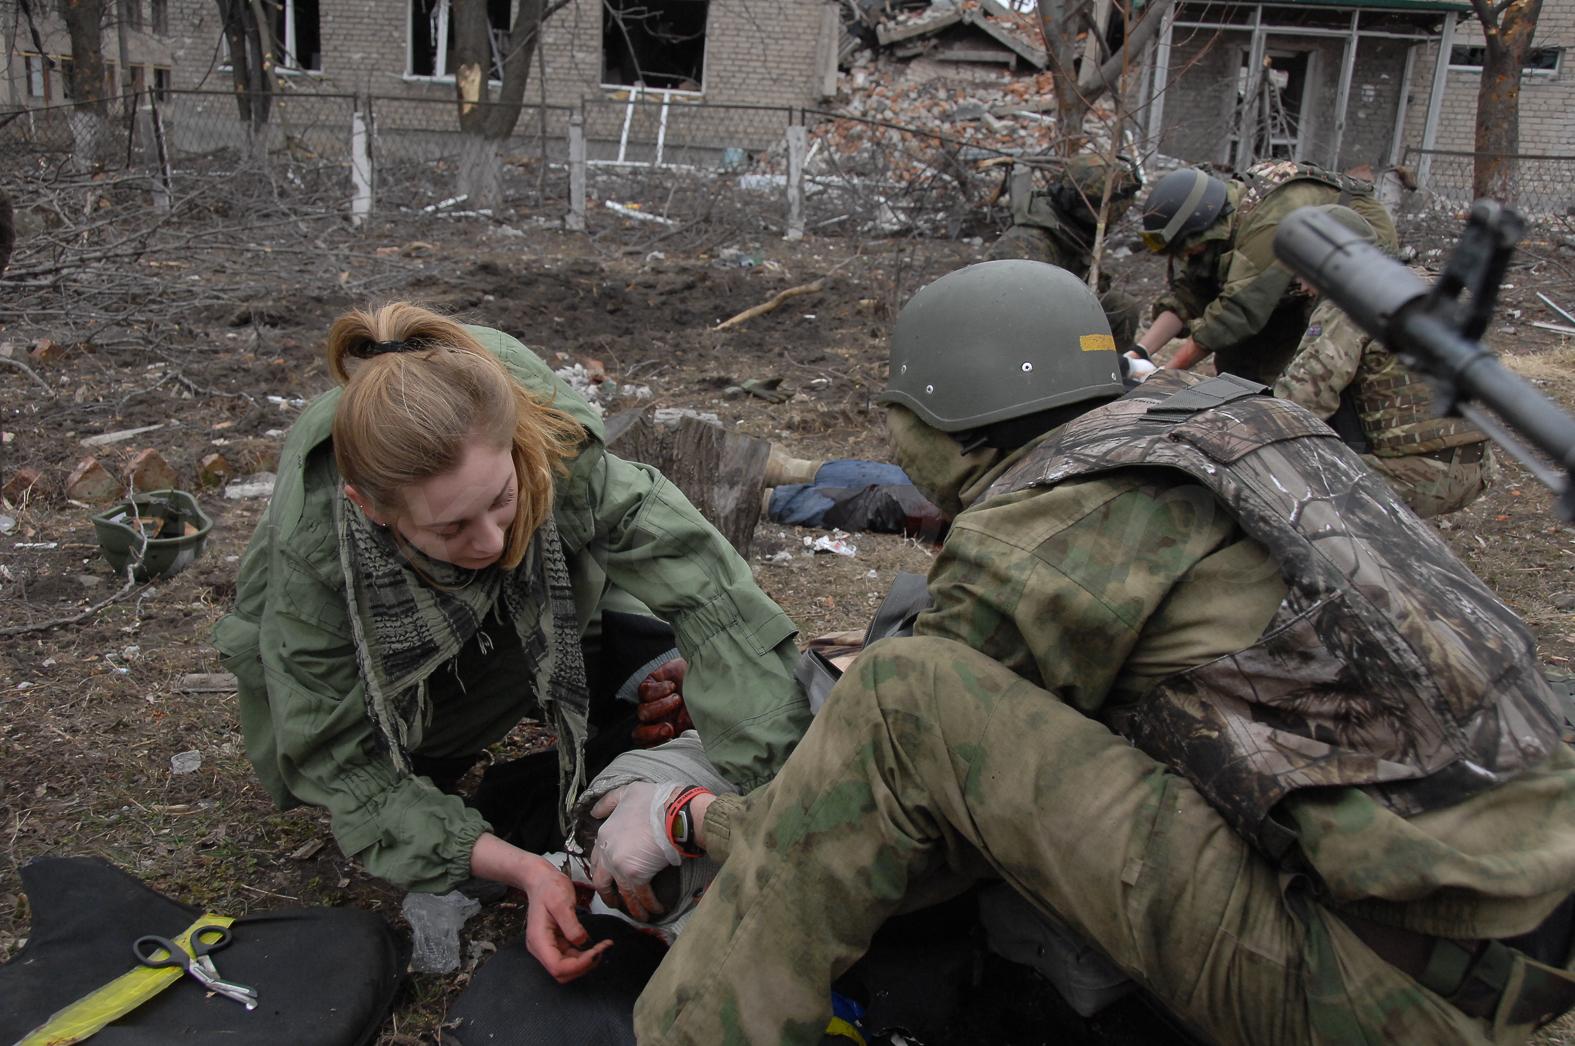 Во время постановочной перестрелки погибли мирный житель и украинский военнослужащий - НМ ДНР